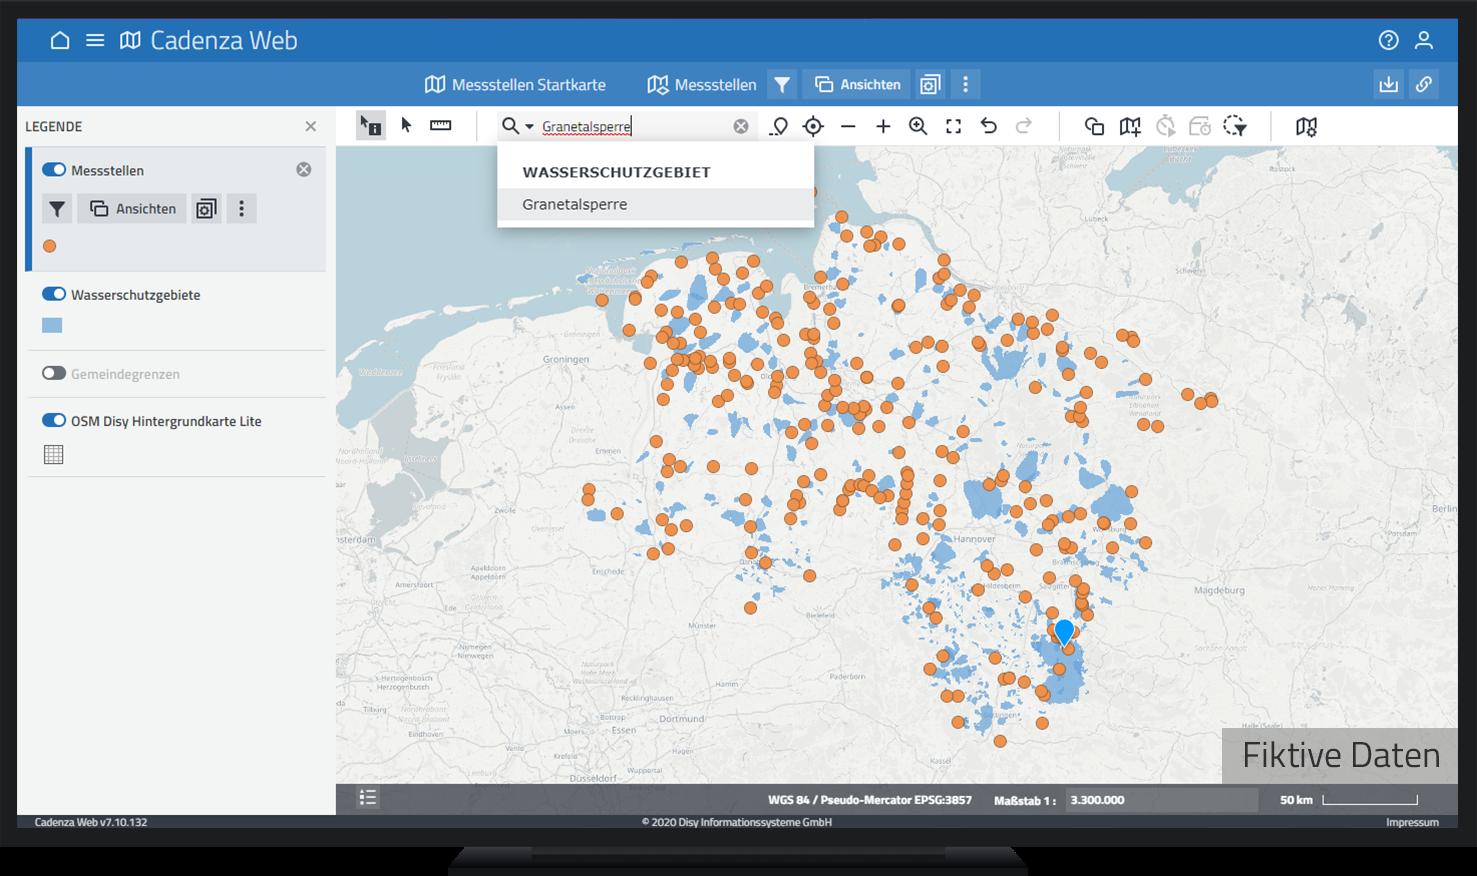 Identifizieren des Wasserschutzgebiets Granetalsperre mit Hilfe des Location Finders in Cadenza Web